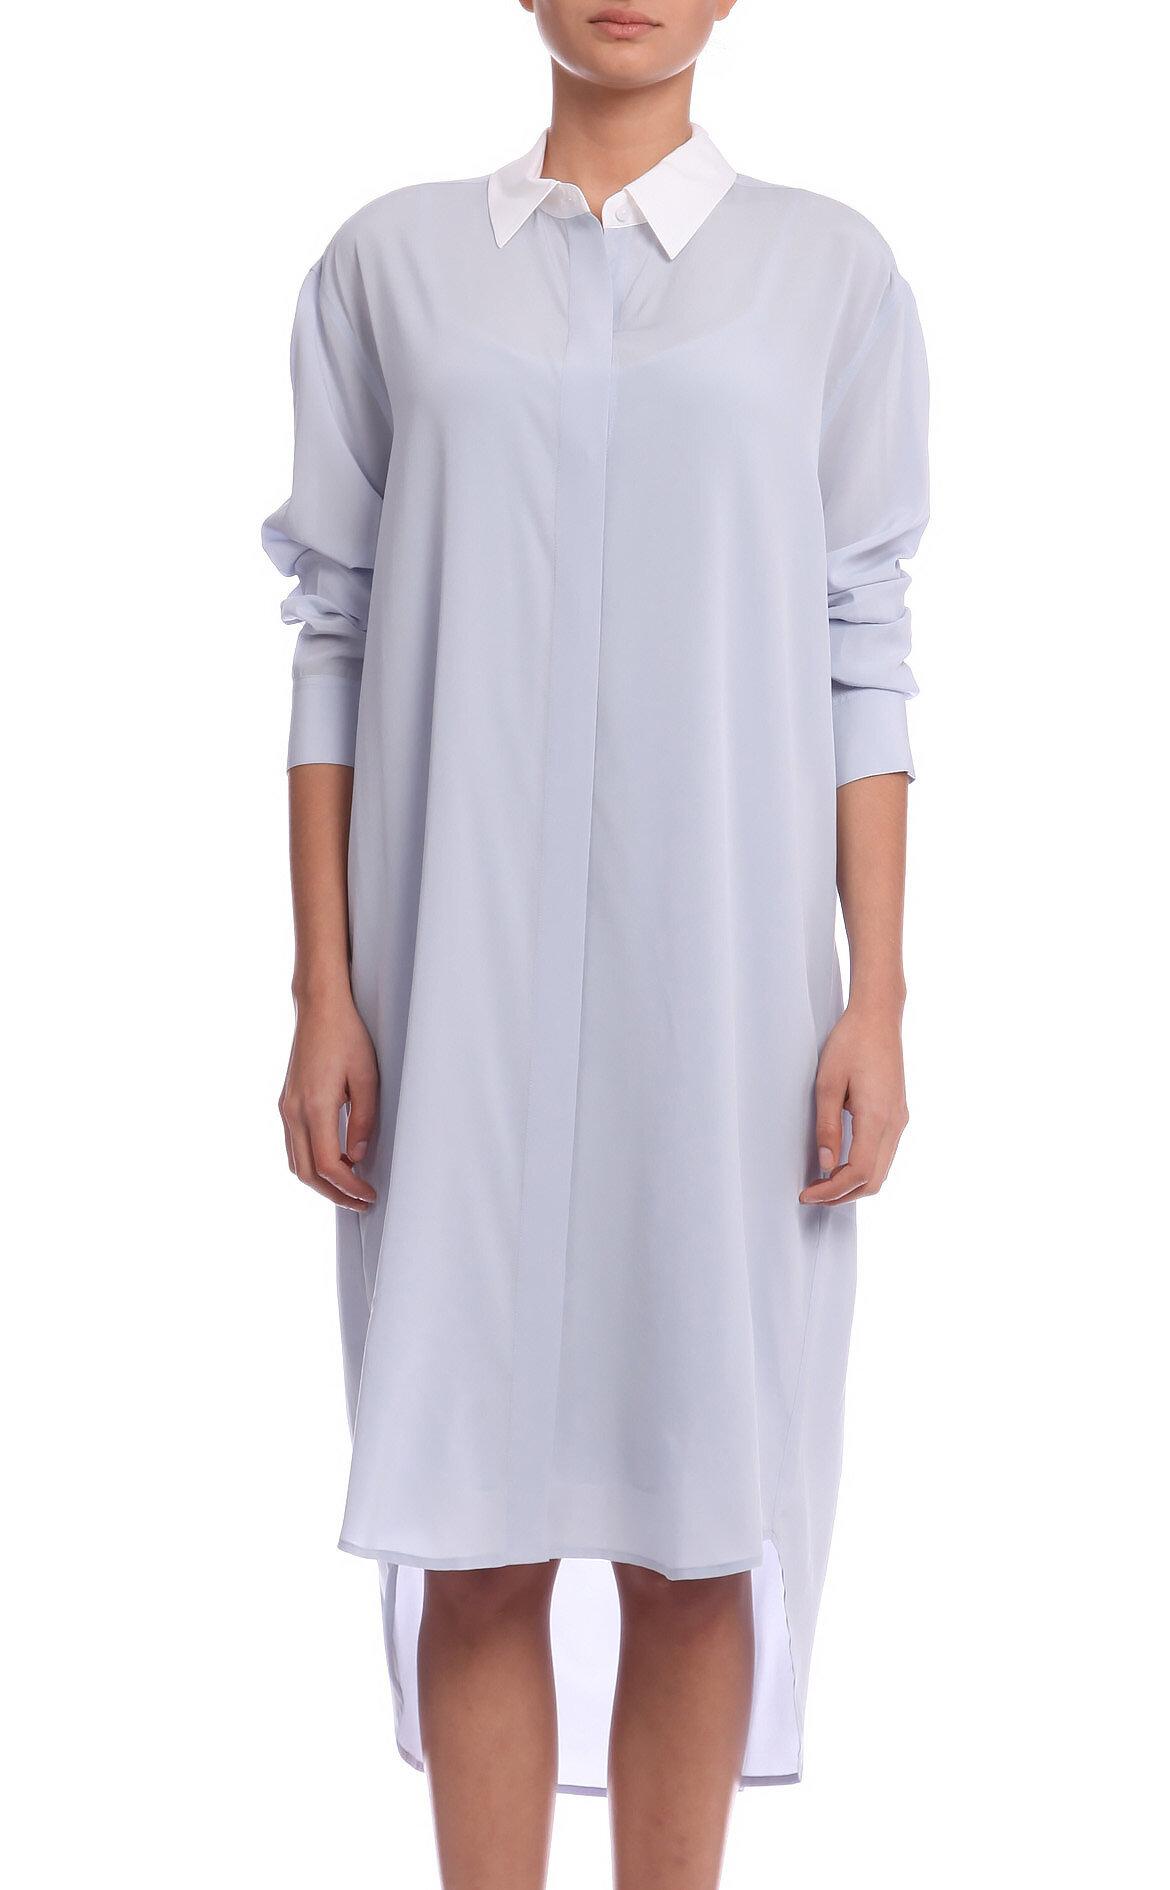 DKNY-DKNY Elbise